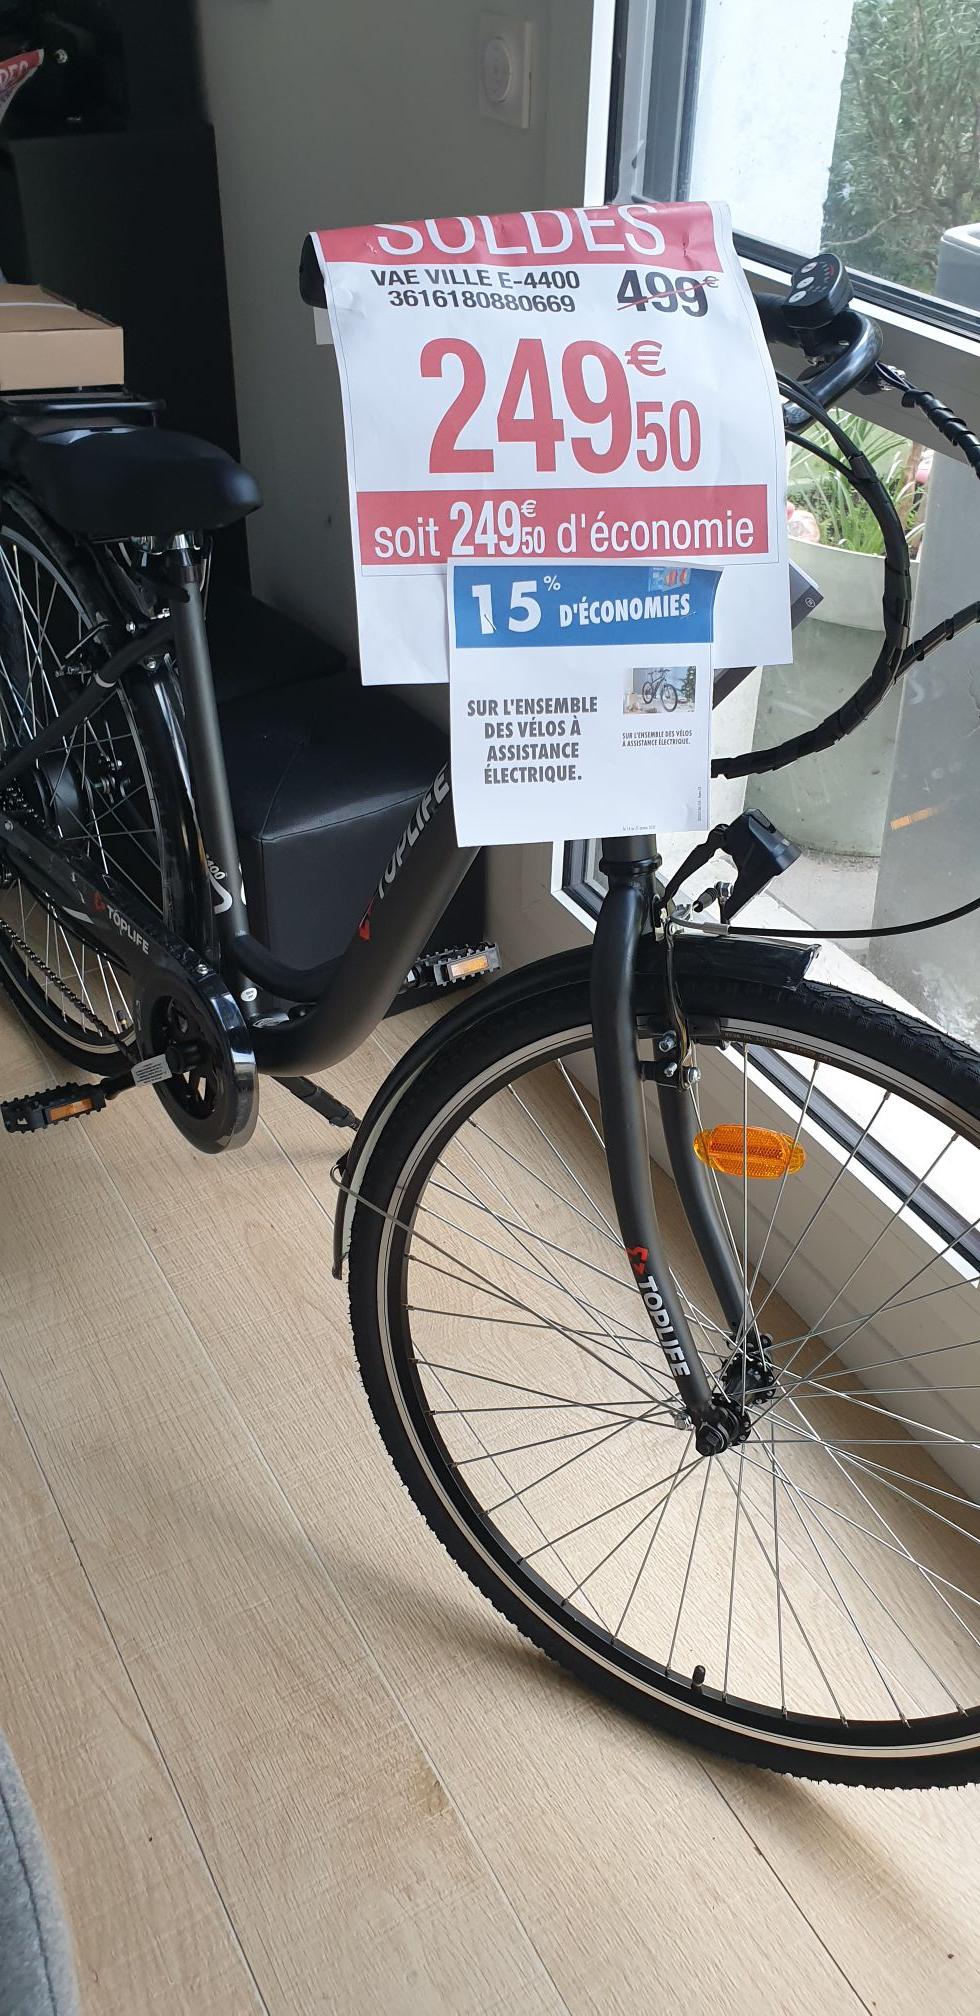 Vélo à assistance électrique TopLife E-4400 (Via 37.50€ sur la Carte) - Mérignac (33)